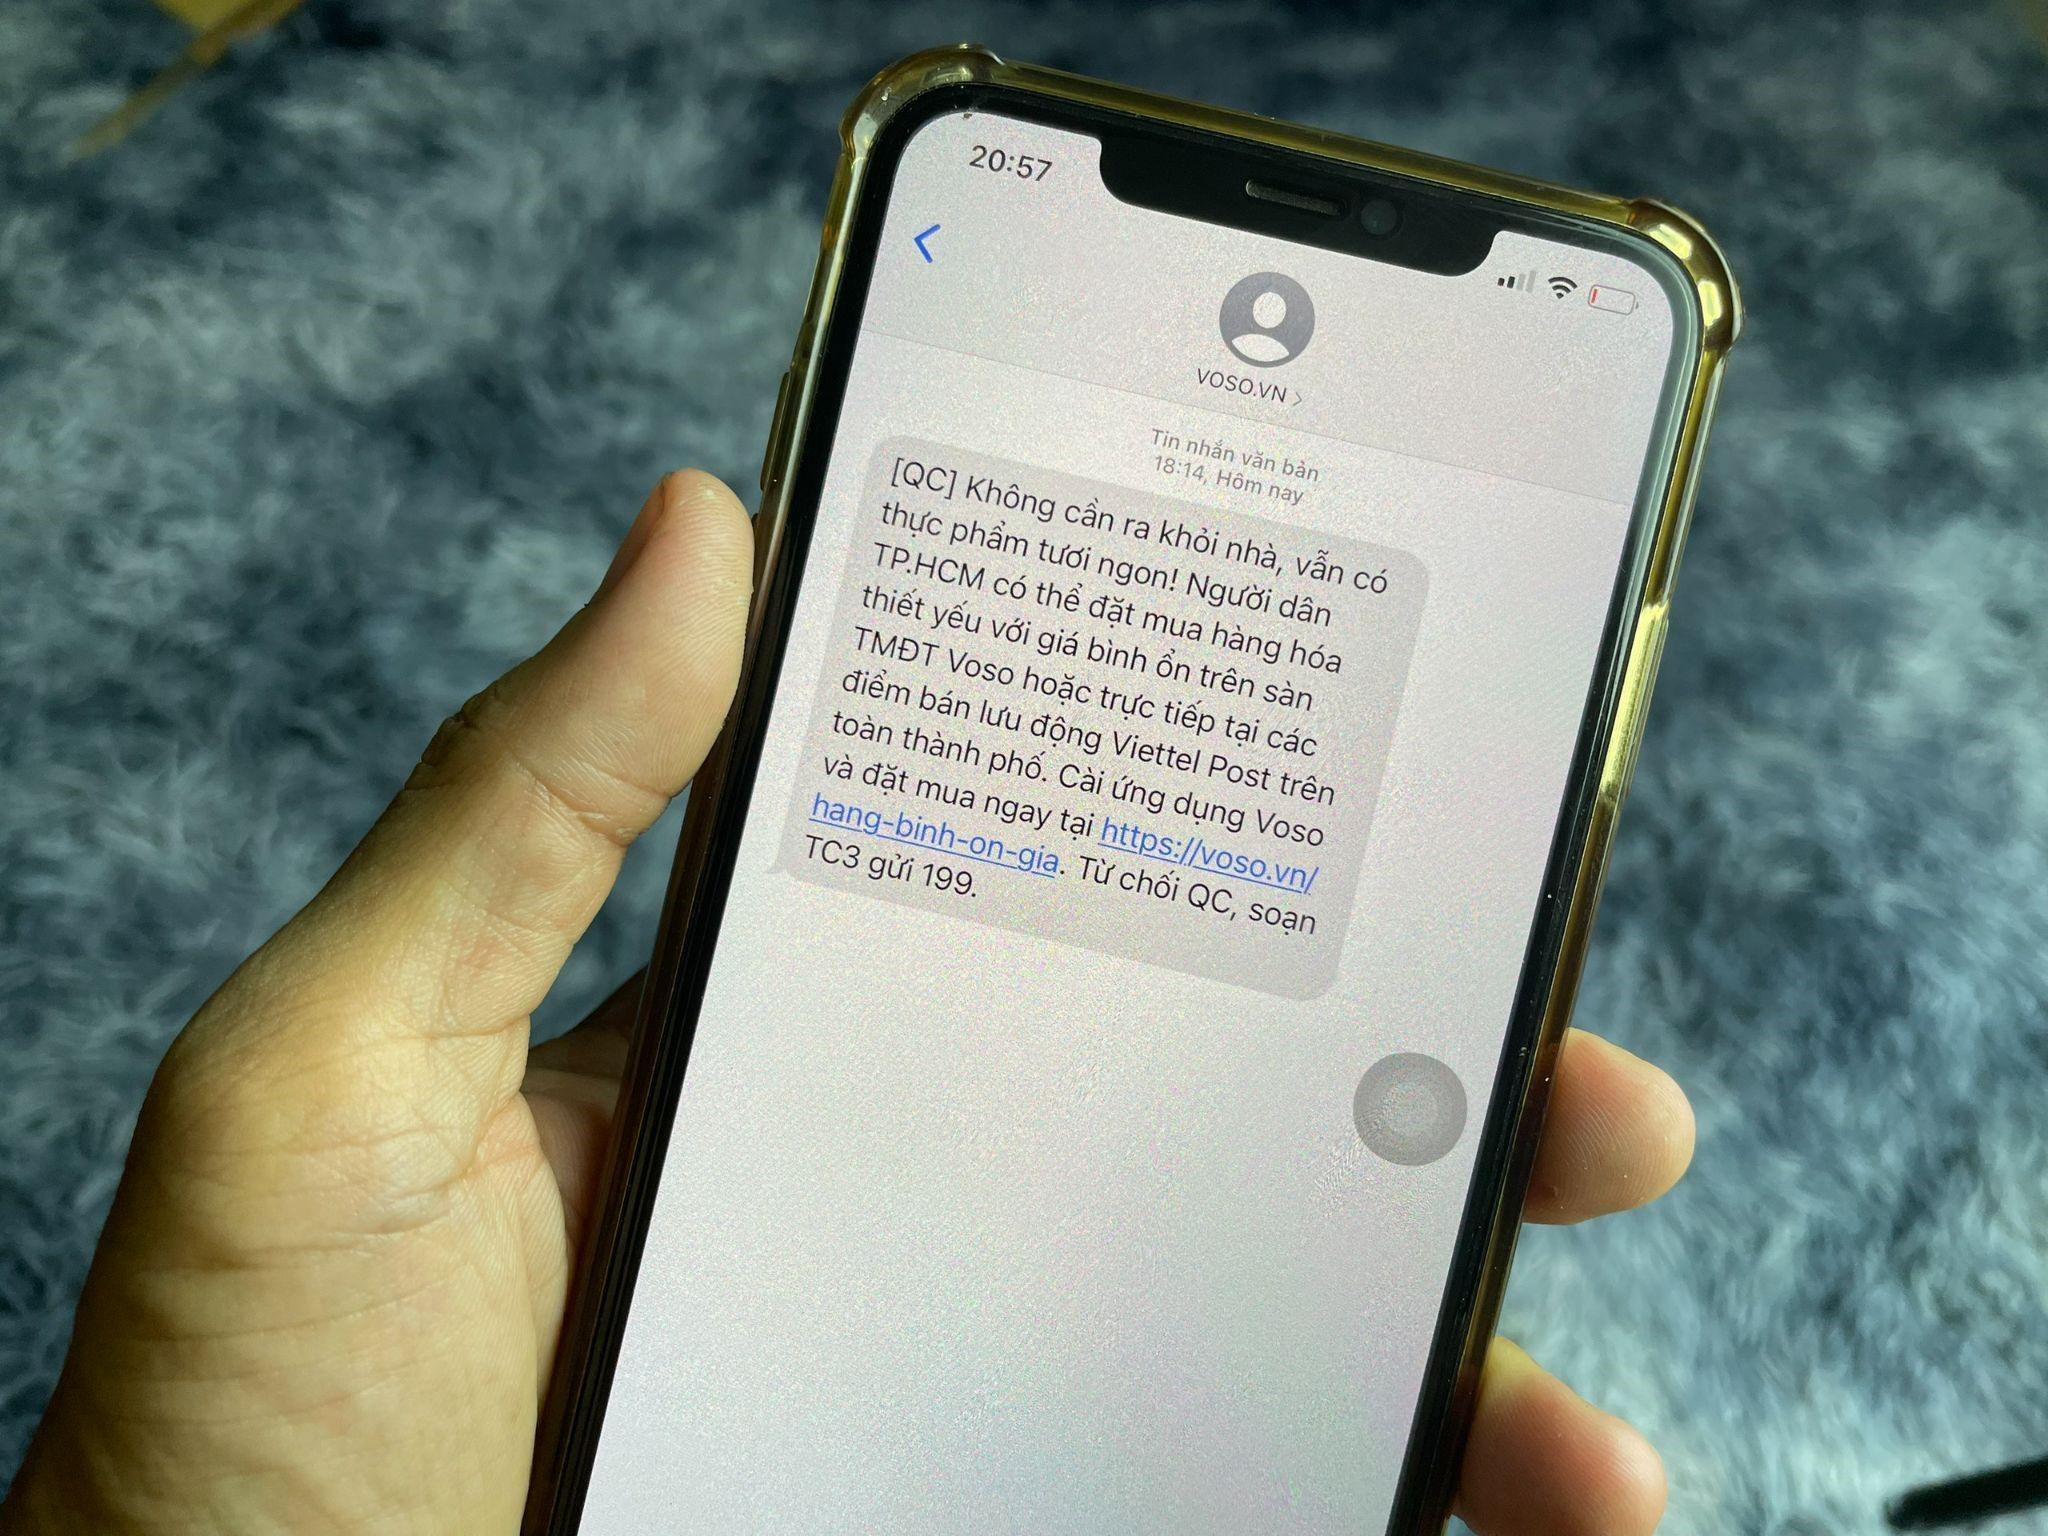 Sàn thương mại điện tử Vỏ Sò gửi tin nhắn đến người dân tại TP. HCM để mời mua sản phẩm bình ổn giá trên trang Voso.vn hoặc các bưu cục Viettel Post